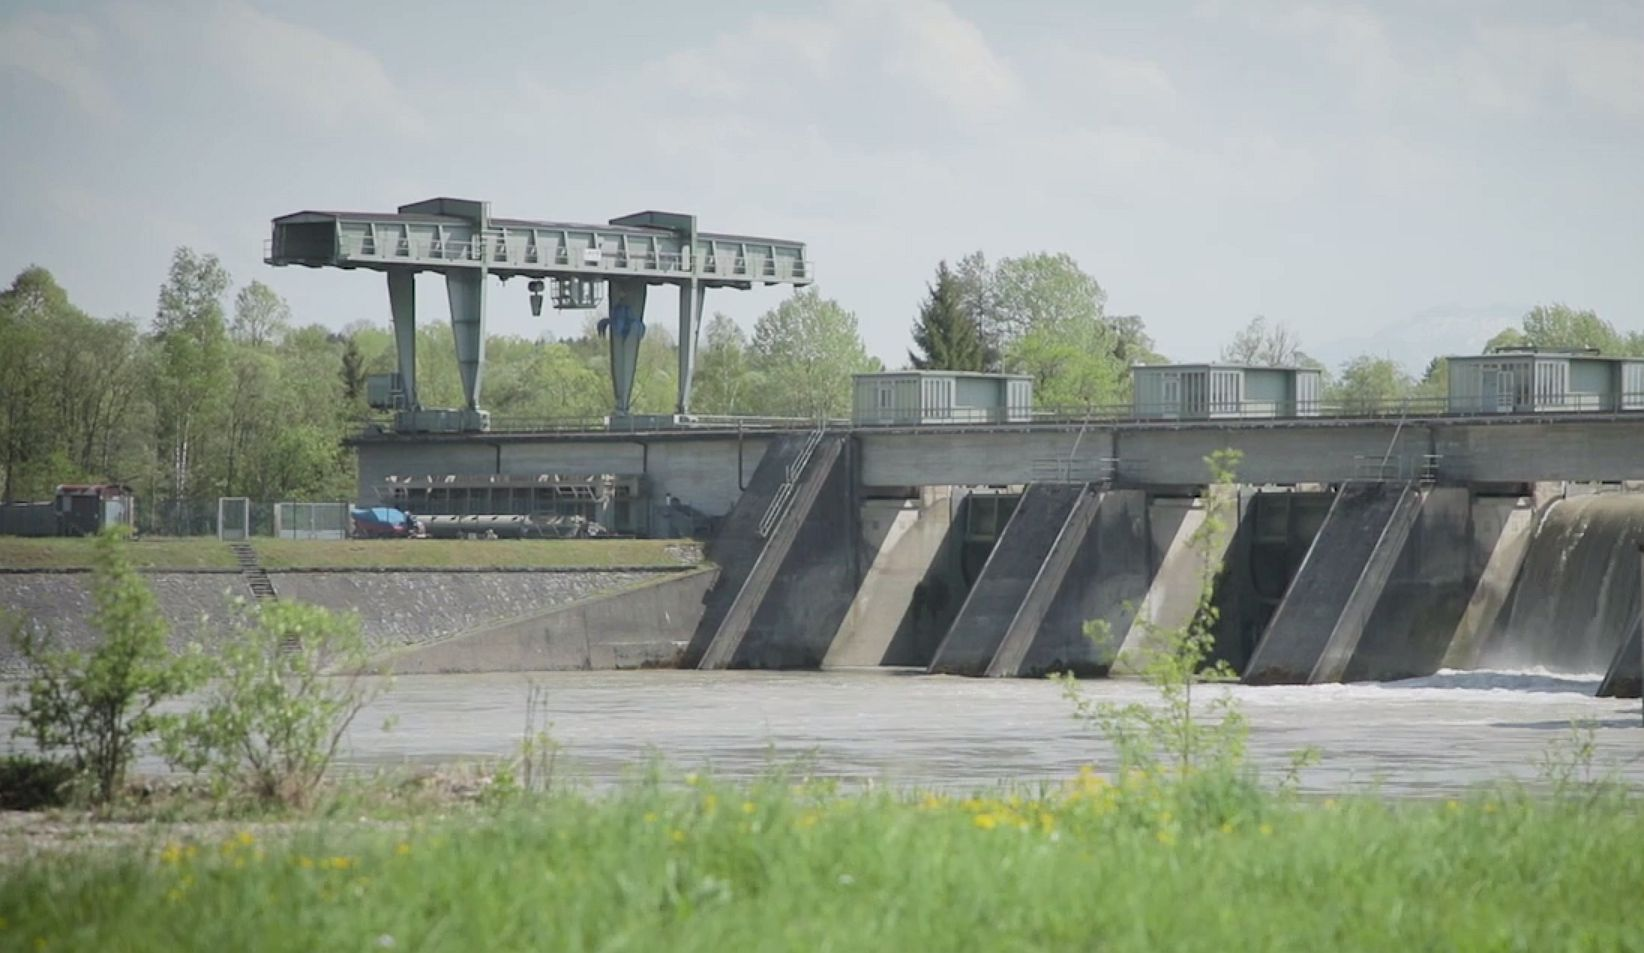 Foto: Seitlicher Blick auf eine Wasserkraftanlage am Inn.